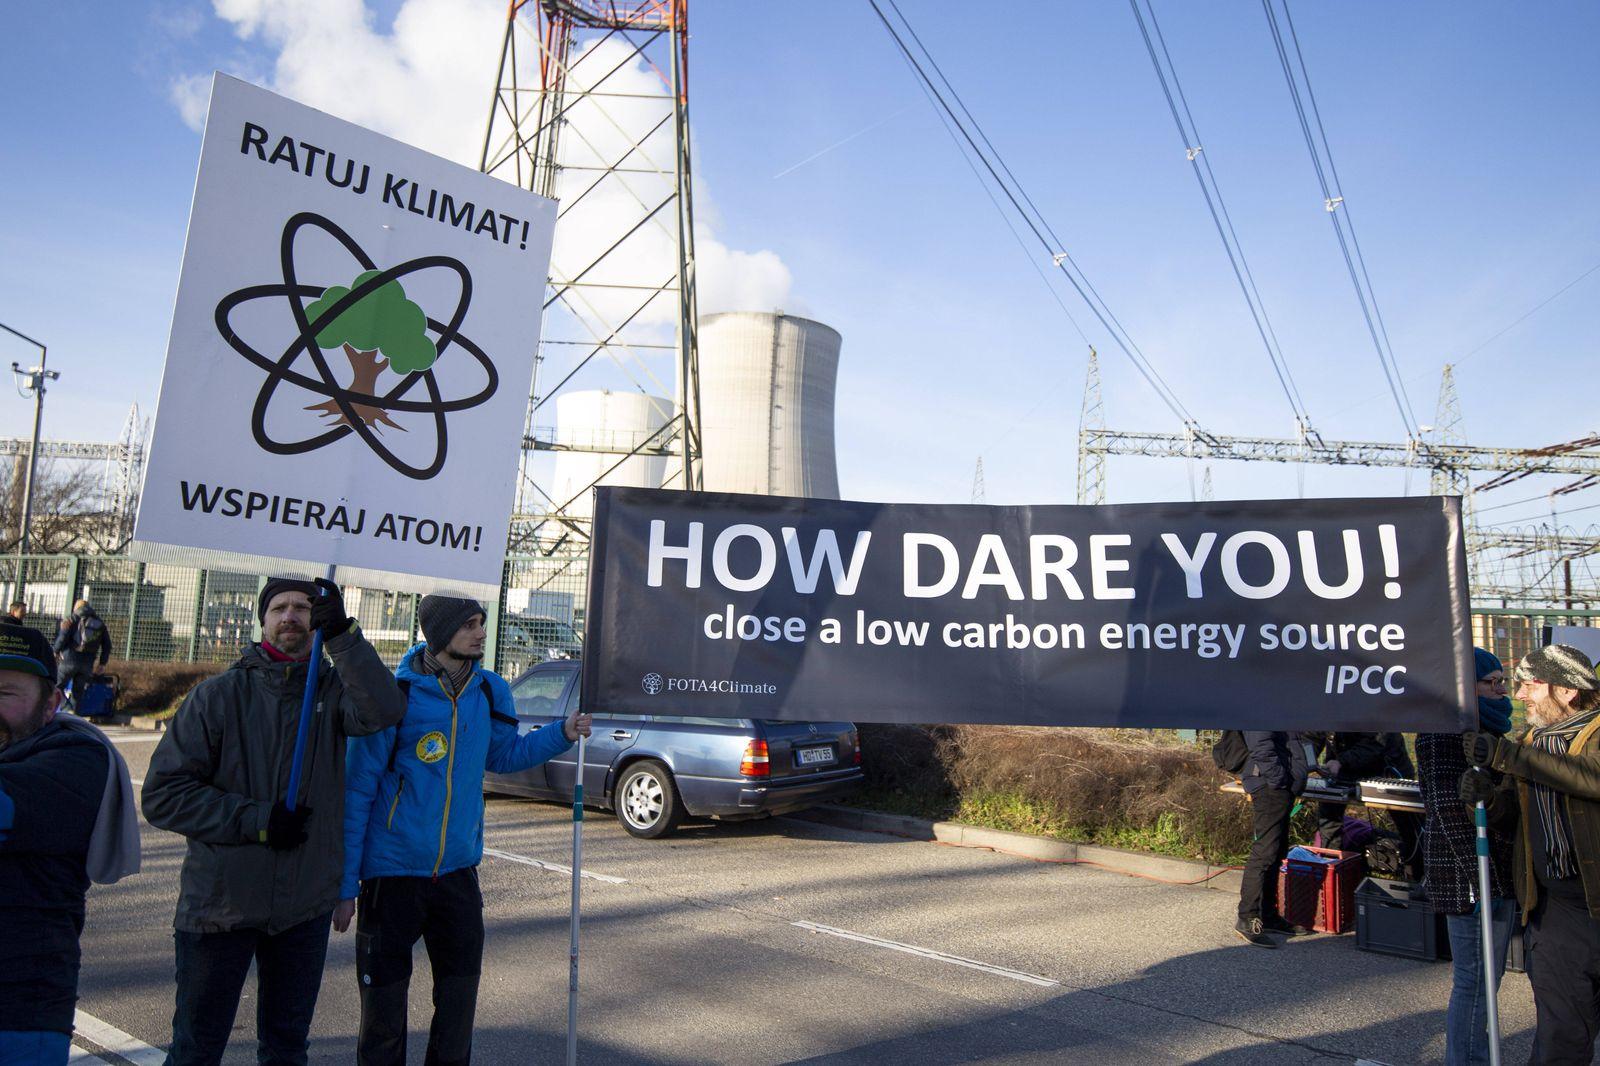 News Bilder des Tages Pro-Atom Klimaschutz -Demo am AKW Philippsburg Am 31.12.2019 will die EnBW den Block 2 des Atomkra